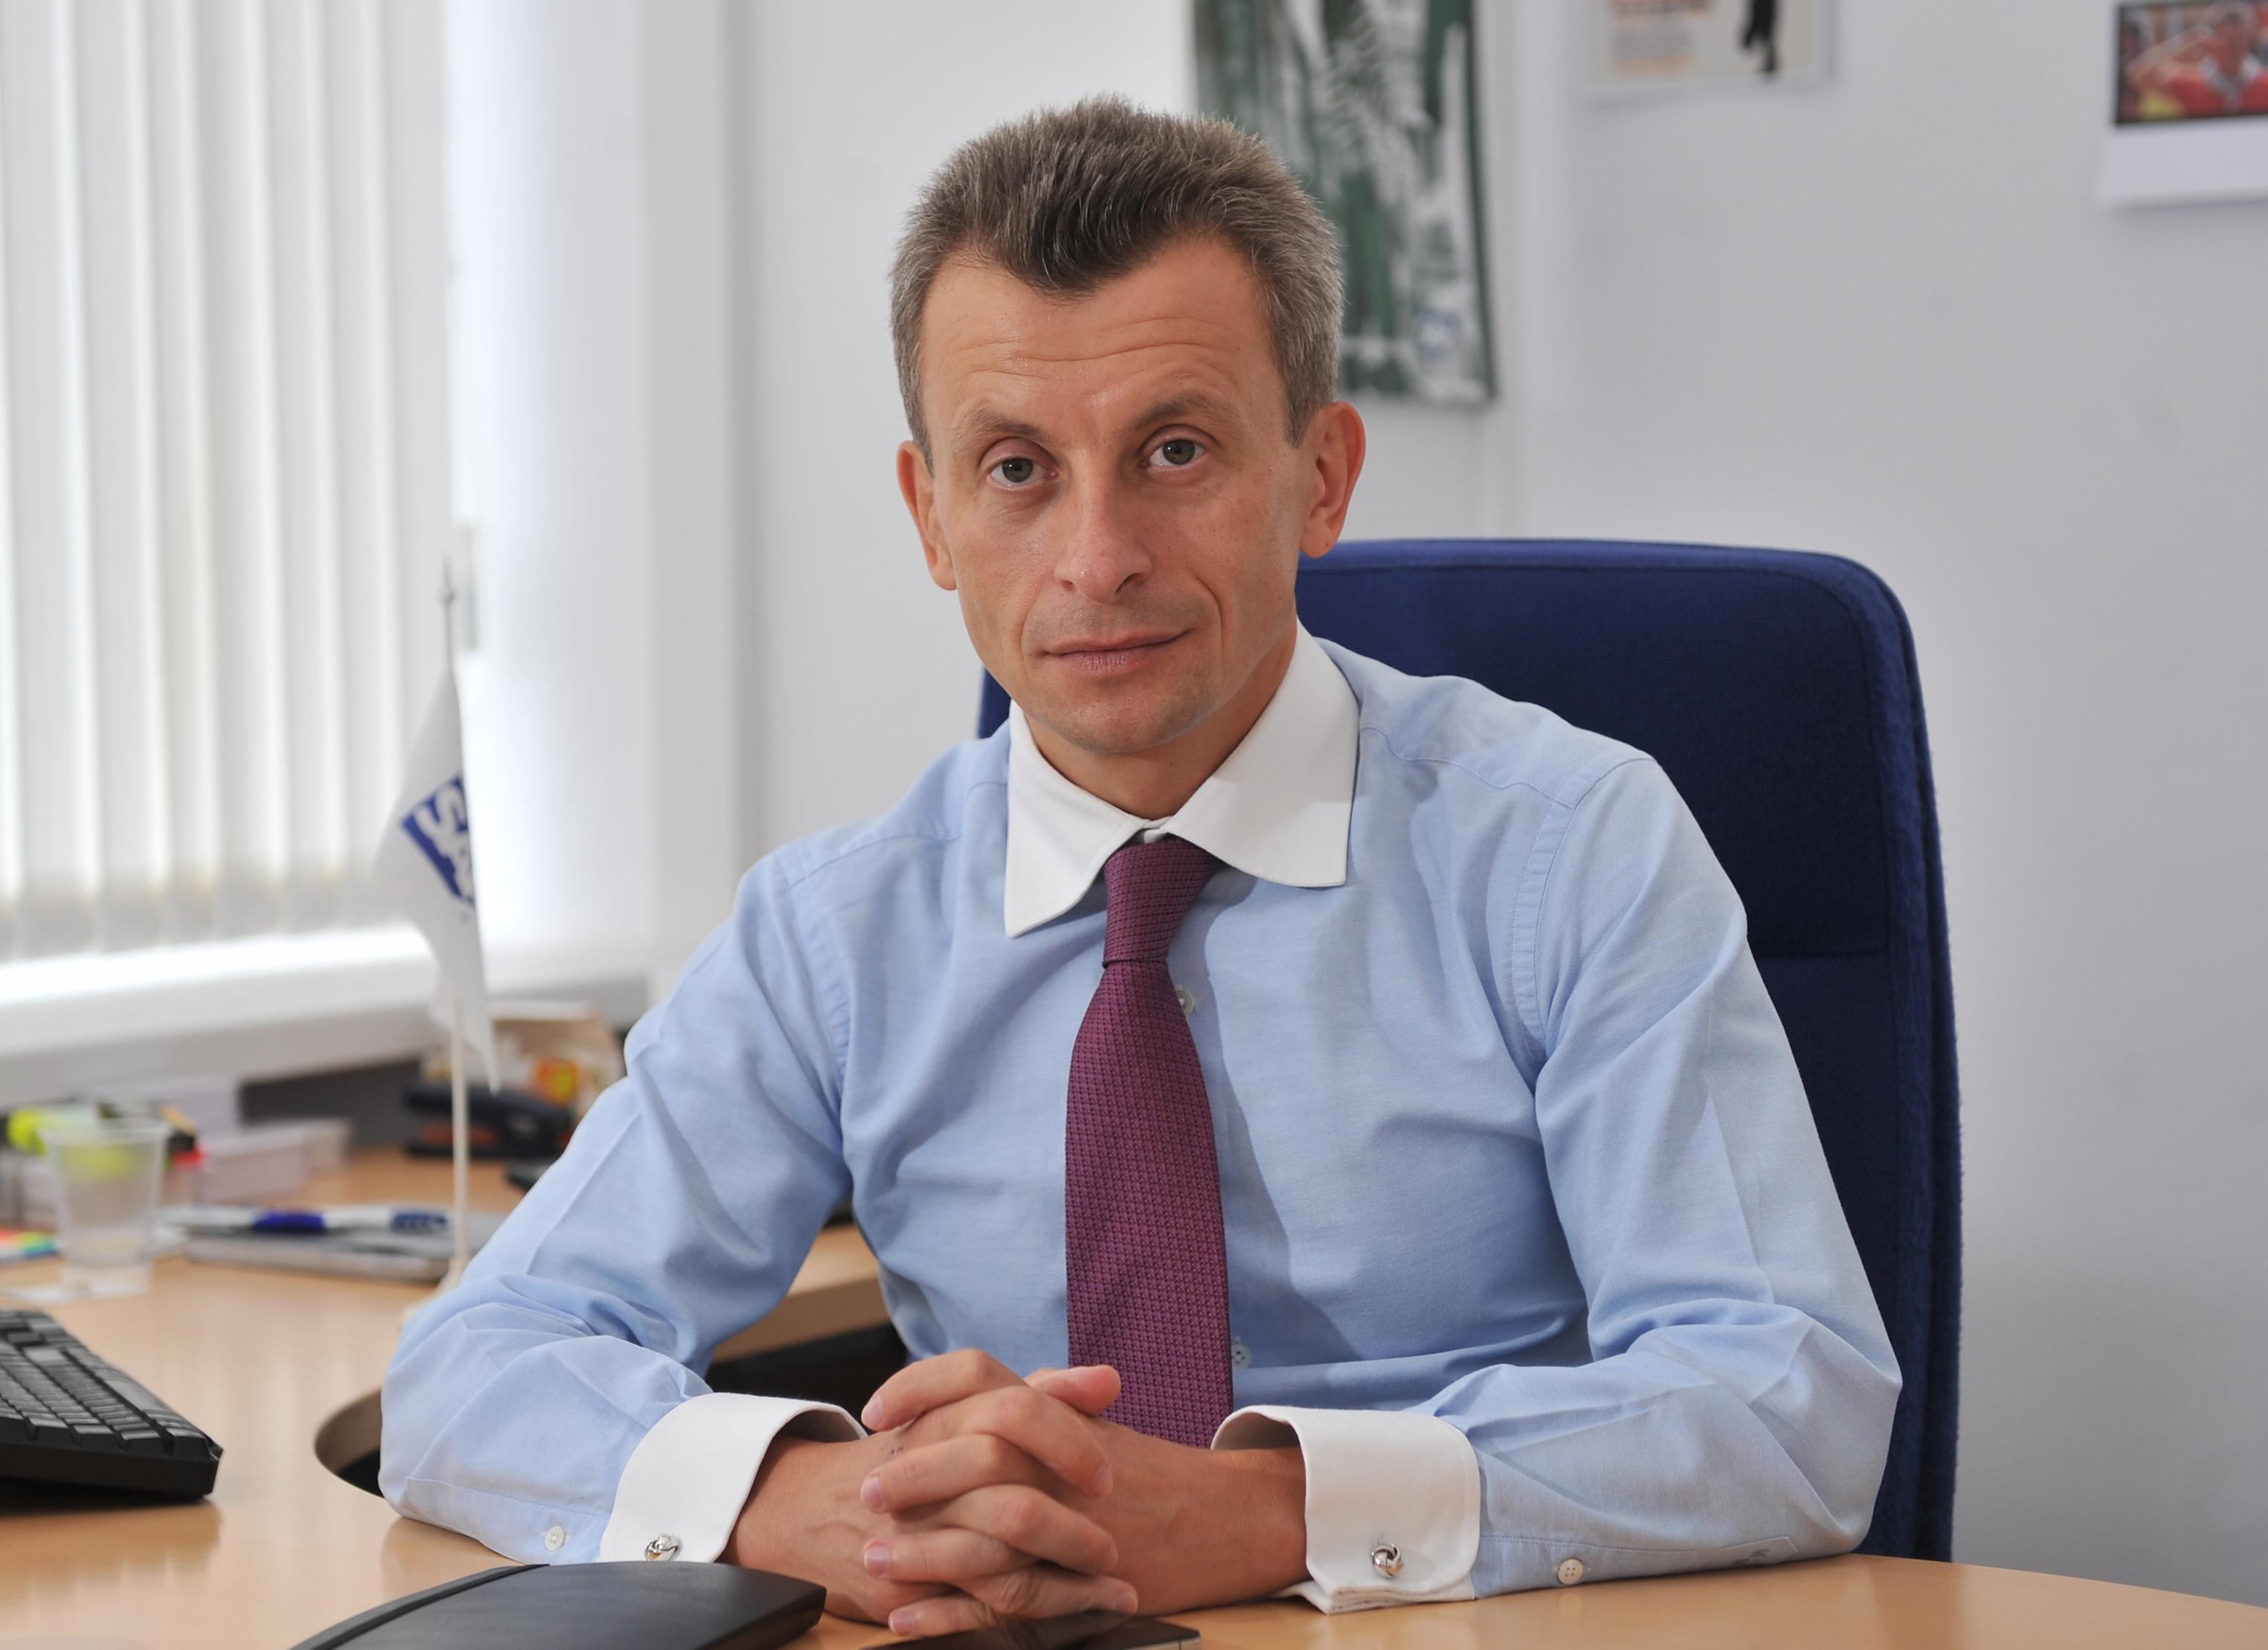 ДО ОБЛАКОВ: Максим Матяш, директор  SAP Ukraine, отом, как автоматизировать предприятие. Сумом